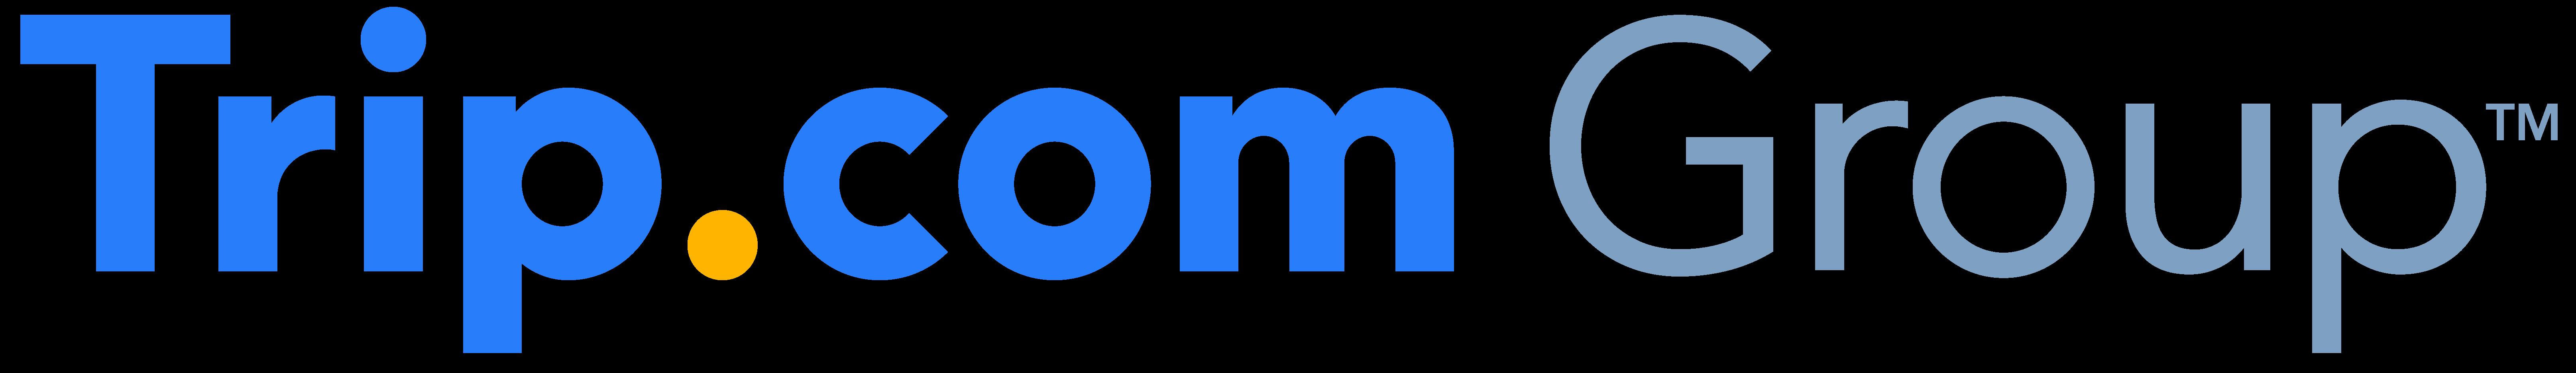 Trip.com Group